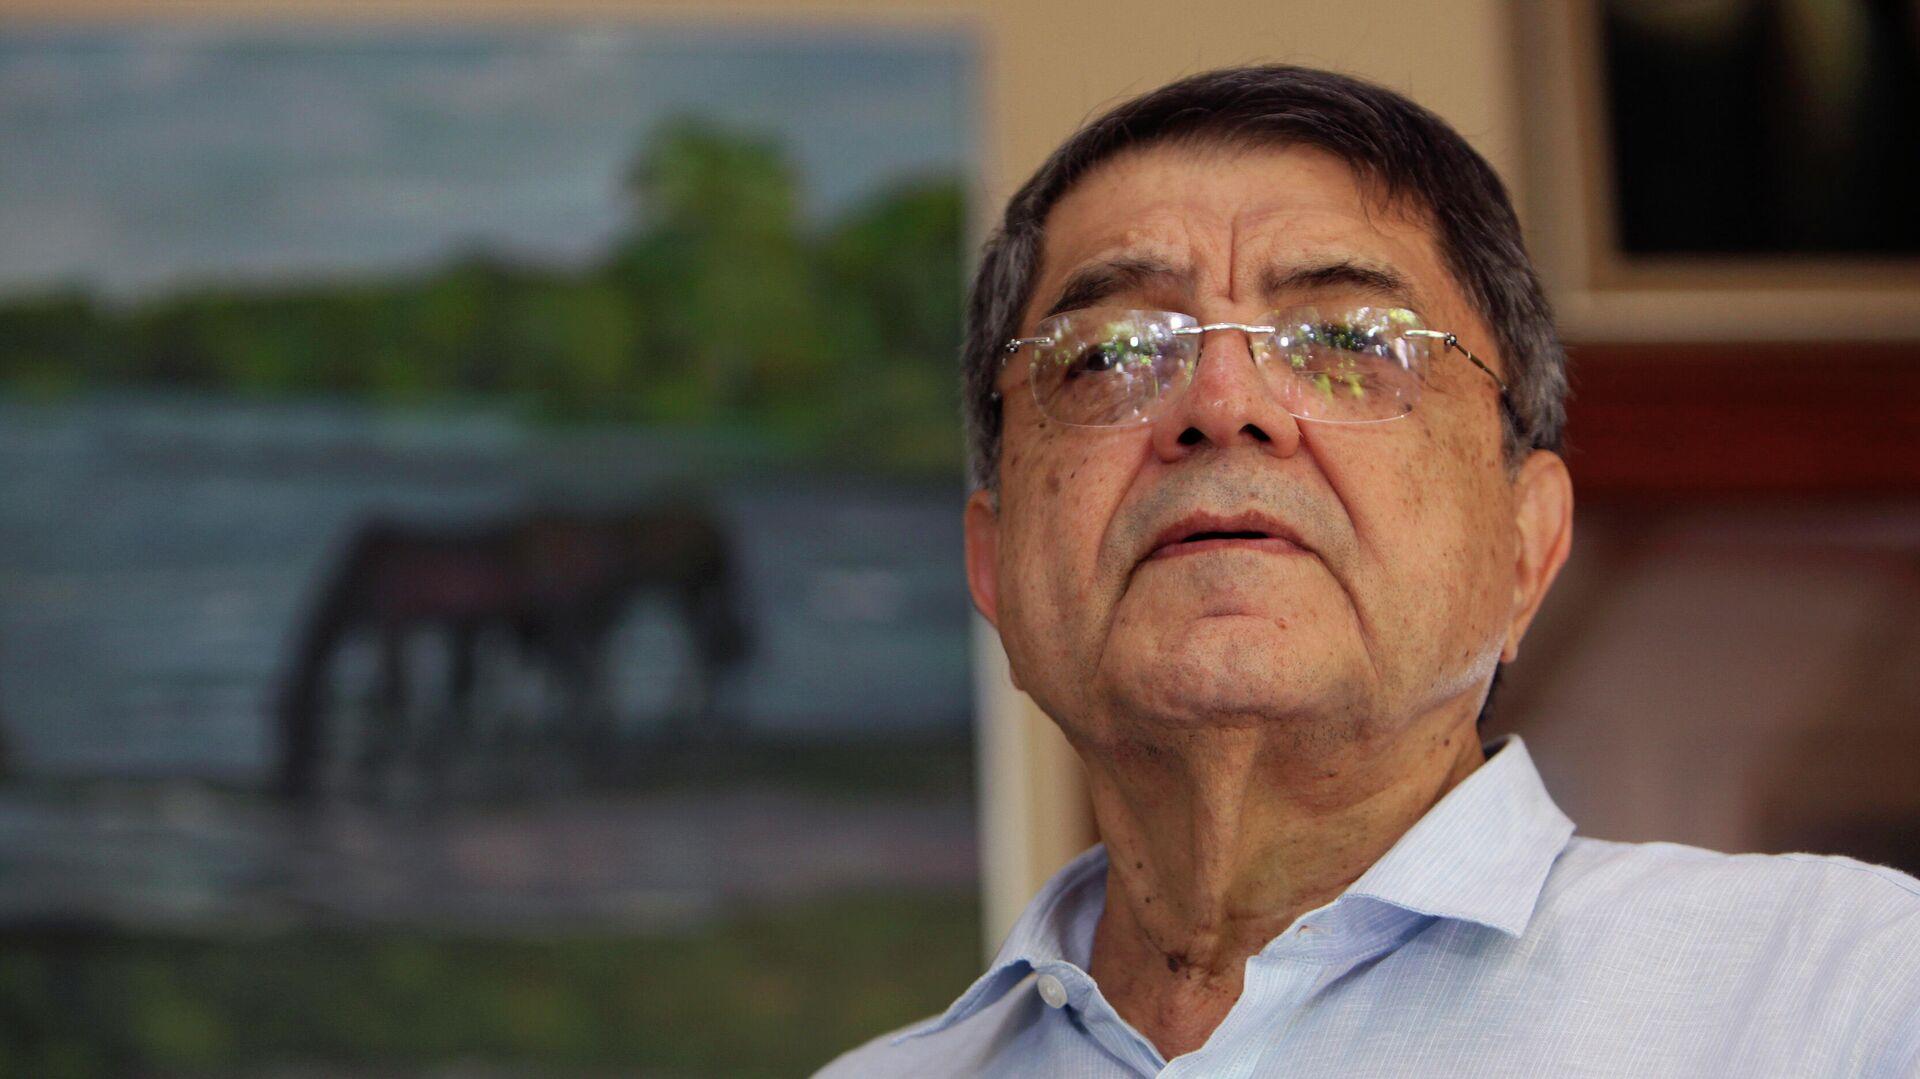 El escritor y exvicepresidente nicaragüense Sergio Ramírez - Sputnik Mundo, 1920, 13.09.2021